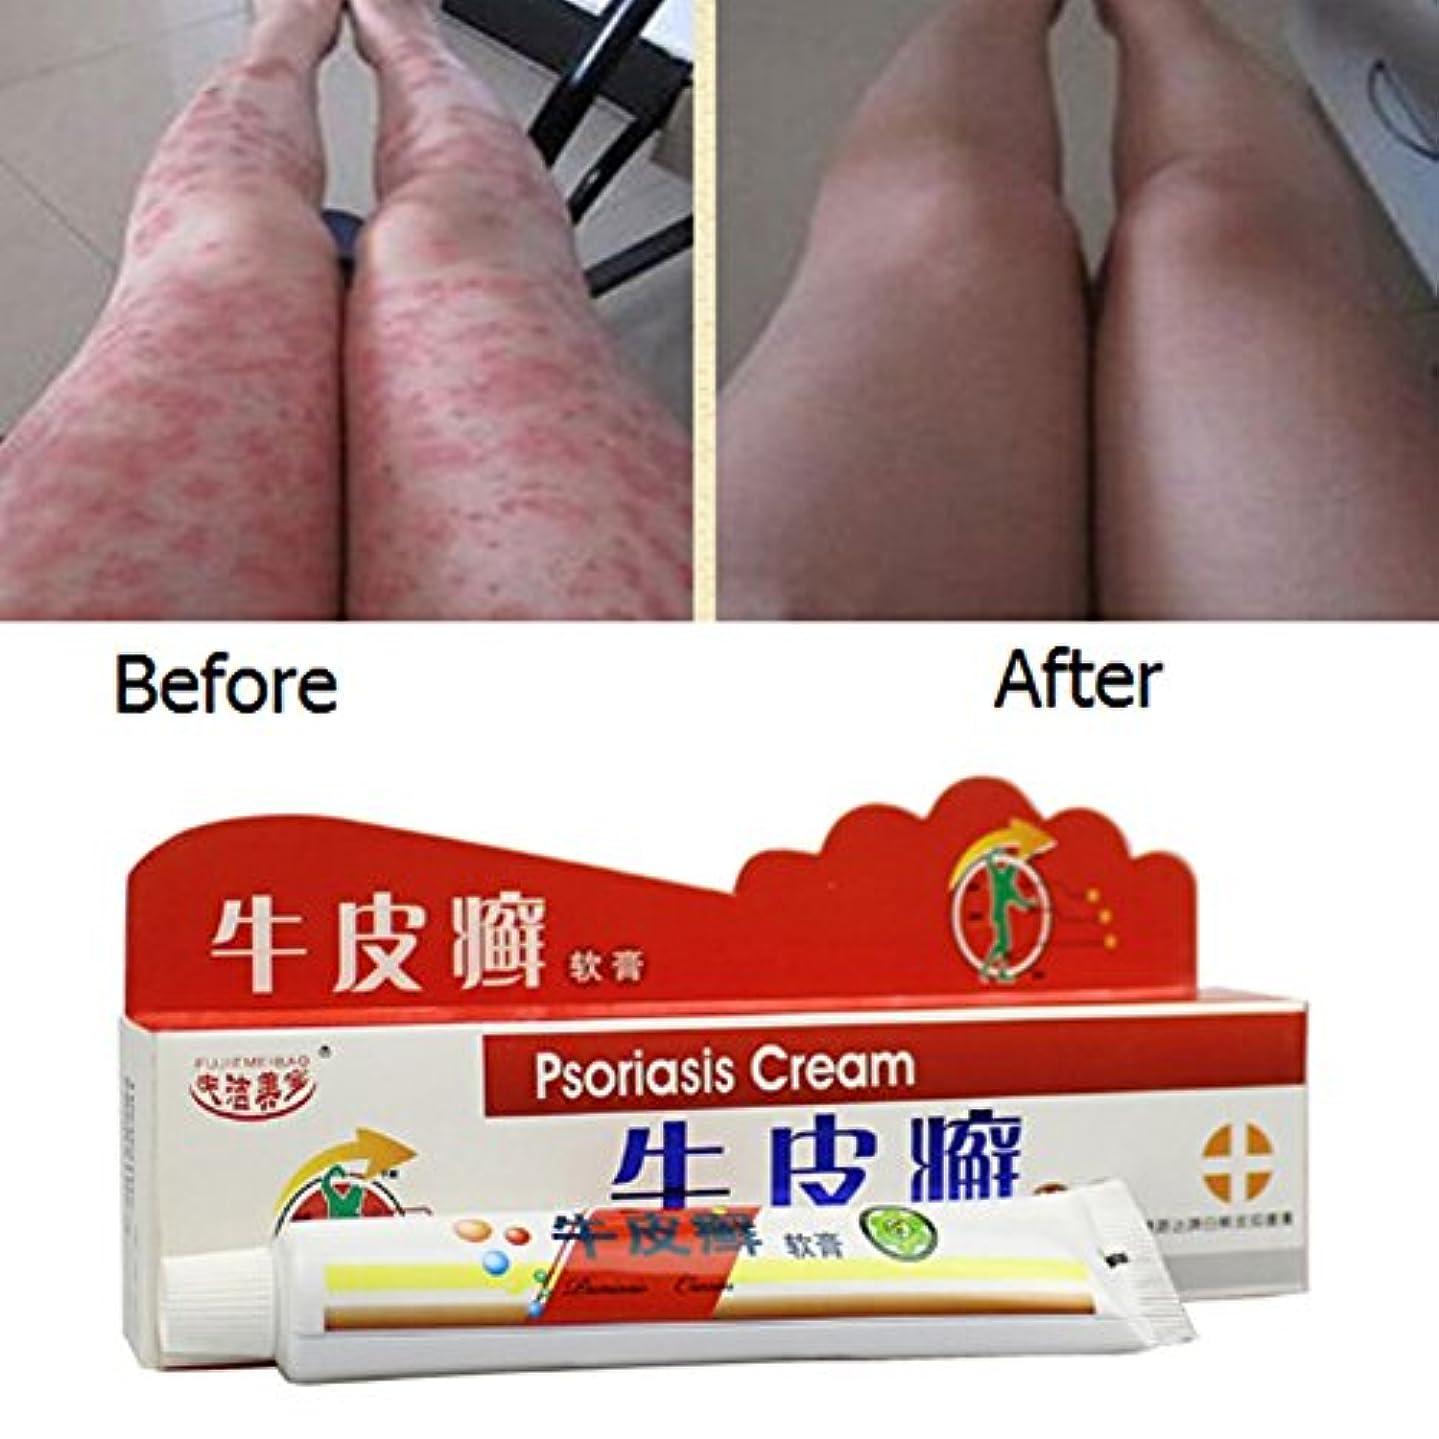 ぜいたく愛するシーサイド乾癬クリーム 漢方薬 植物成分 ハーブ軟膏 抗菌 クリーム 湿疹 乾癬 かゆみ Ammbous